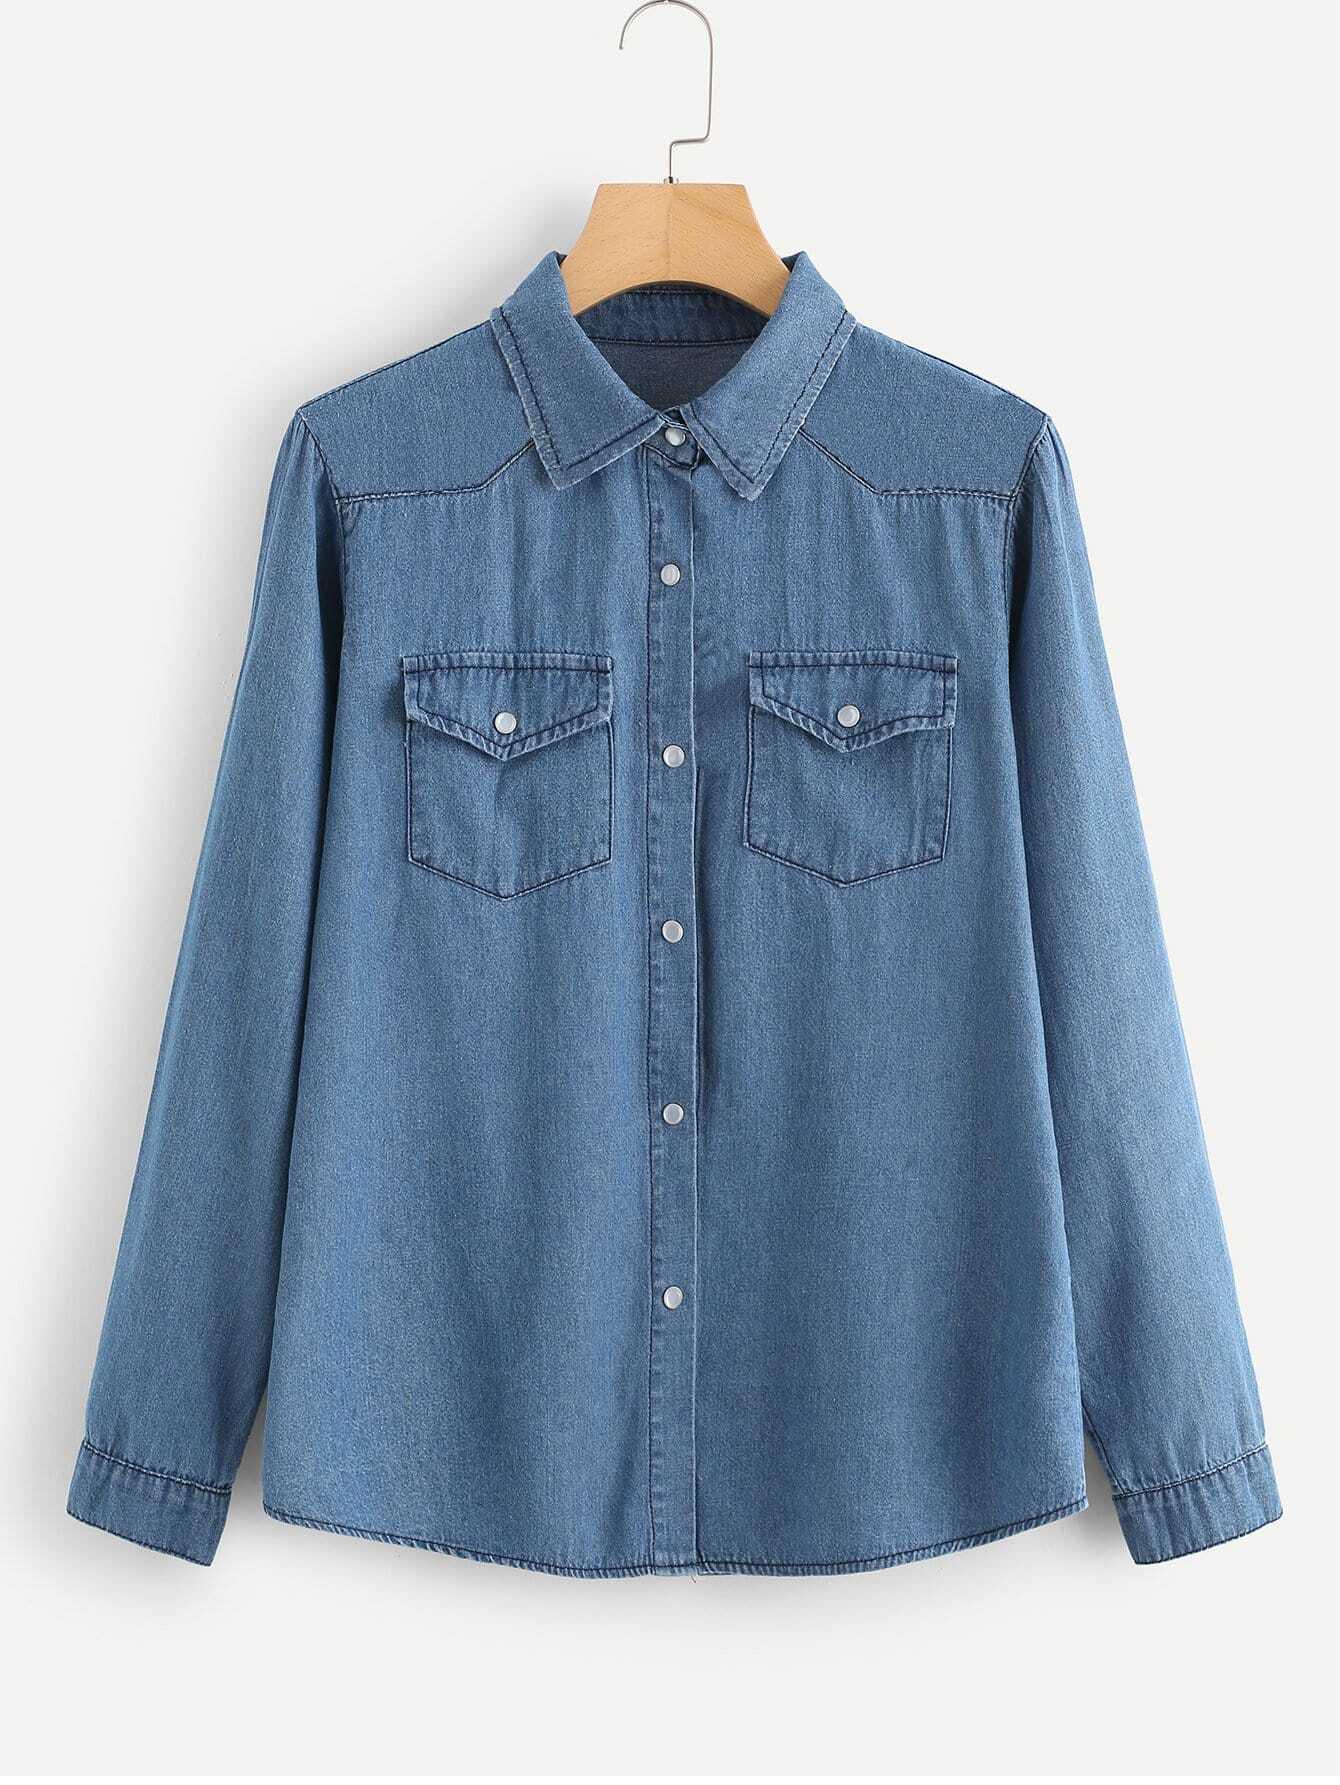 Купить Простая джинсовая блузка и с украшением пуговицы перед одежды, null, SheIn